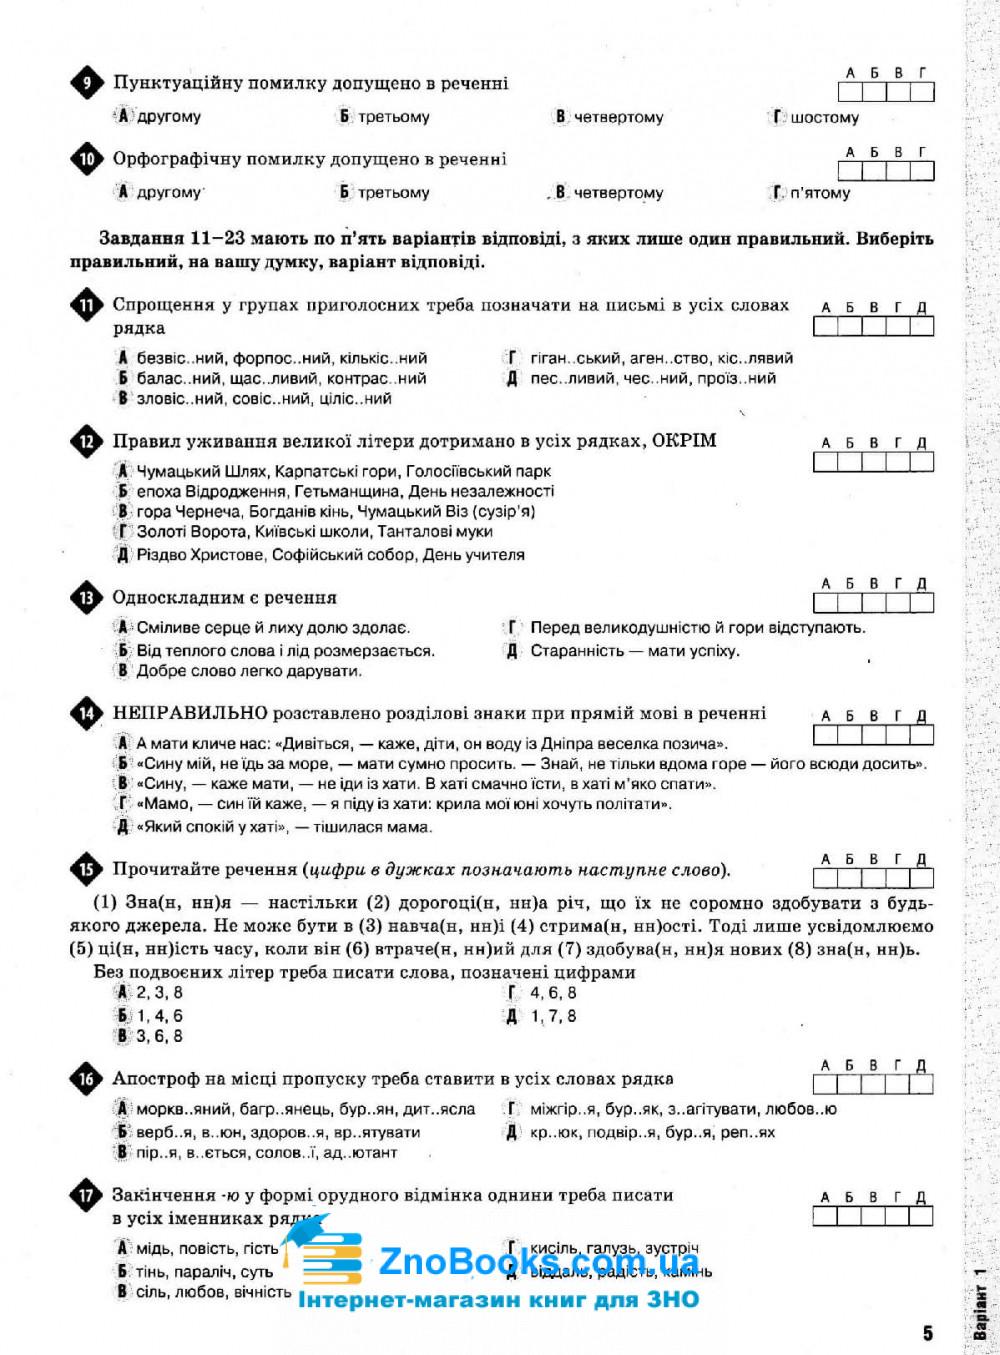 Українська мова (Глазова). Тести до ЗНО 2020 Освіта. купити 5